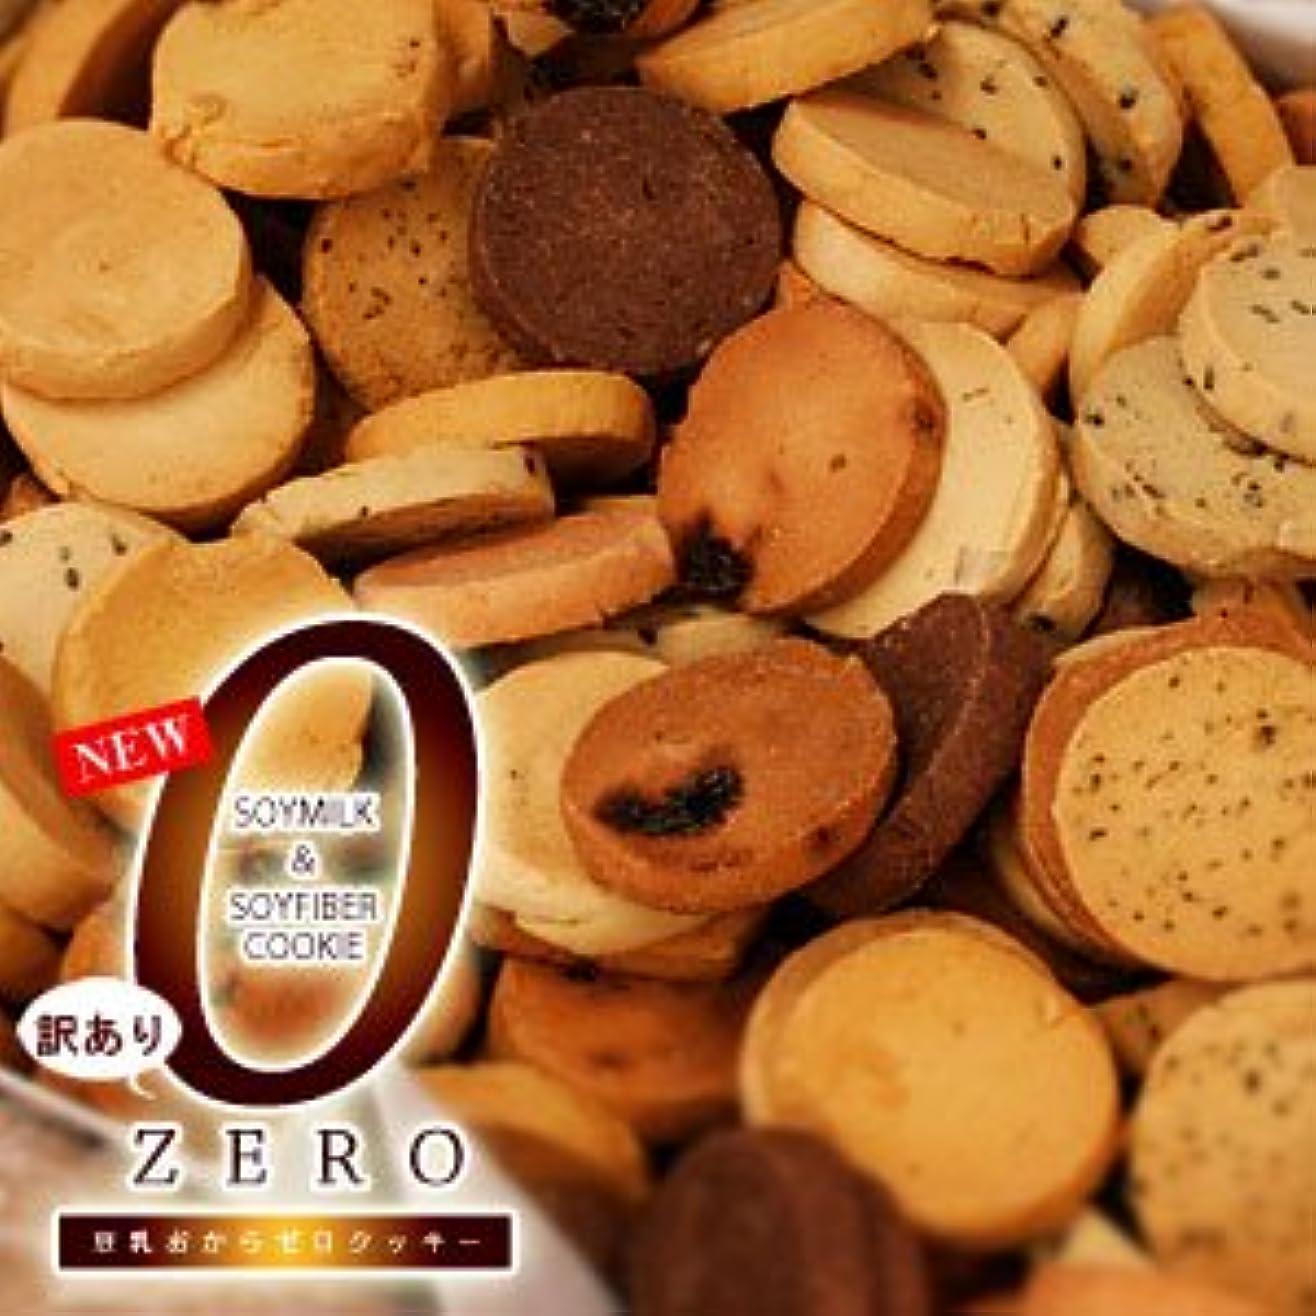 基本的なセットする可能性新 訳あり豆乳おからゼロクッキー 2個セット?